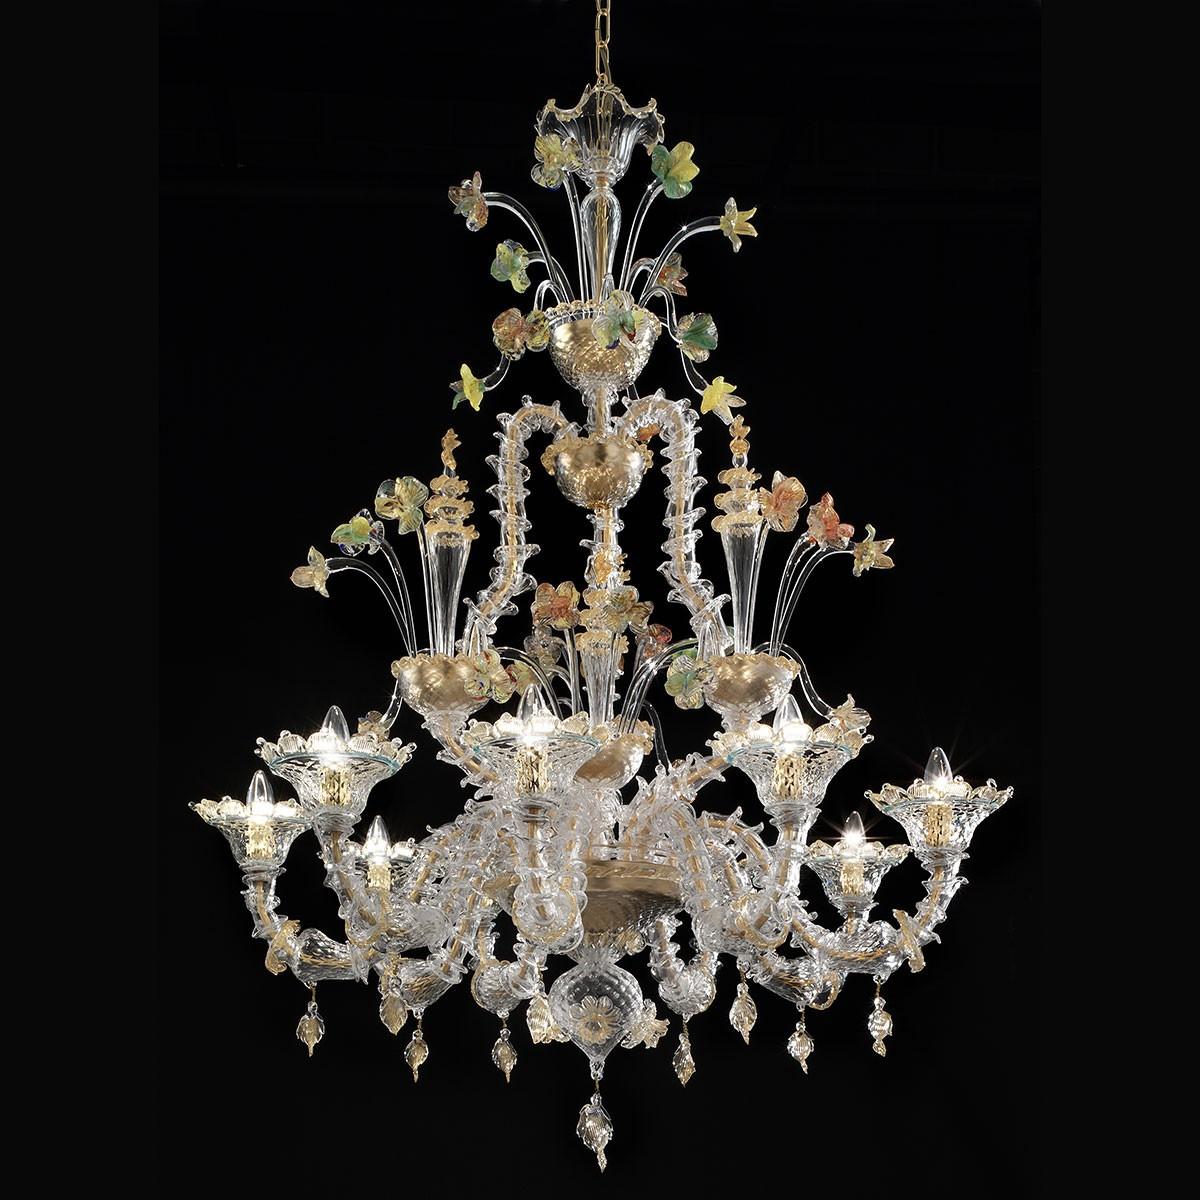 """""""Santa Caterina"""" lustre en cristal de Murano - 9 lumieres - transparent or et polychrome"""